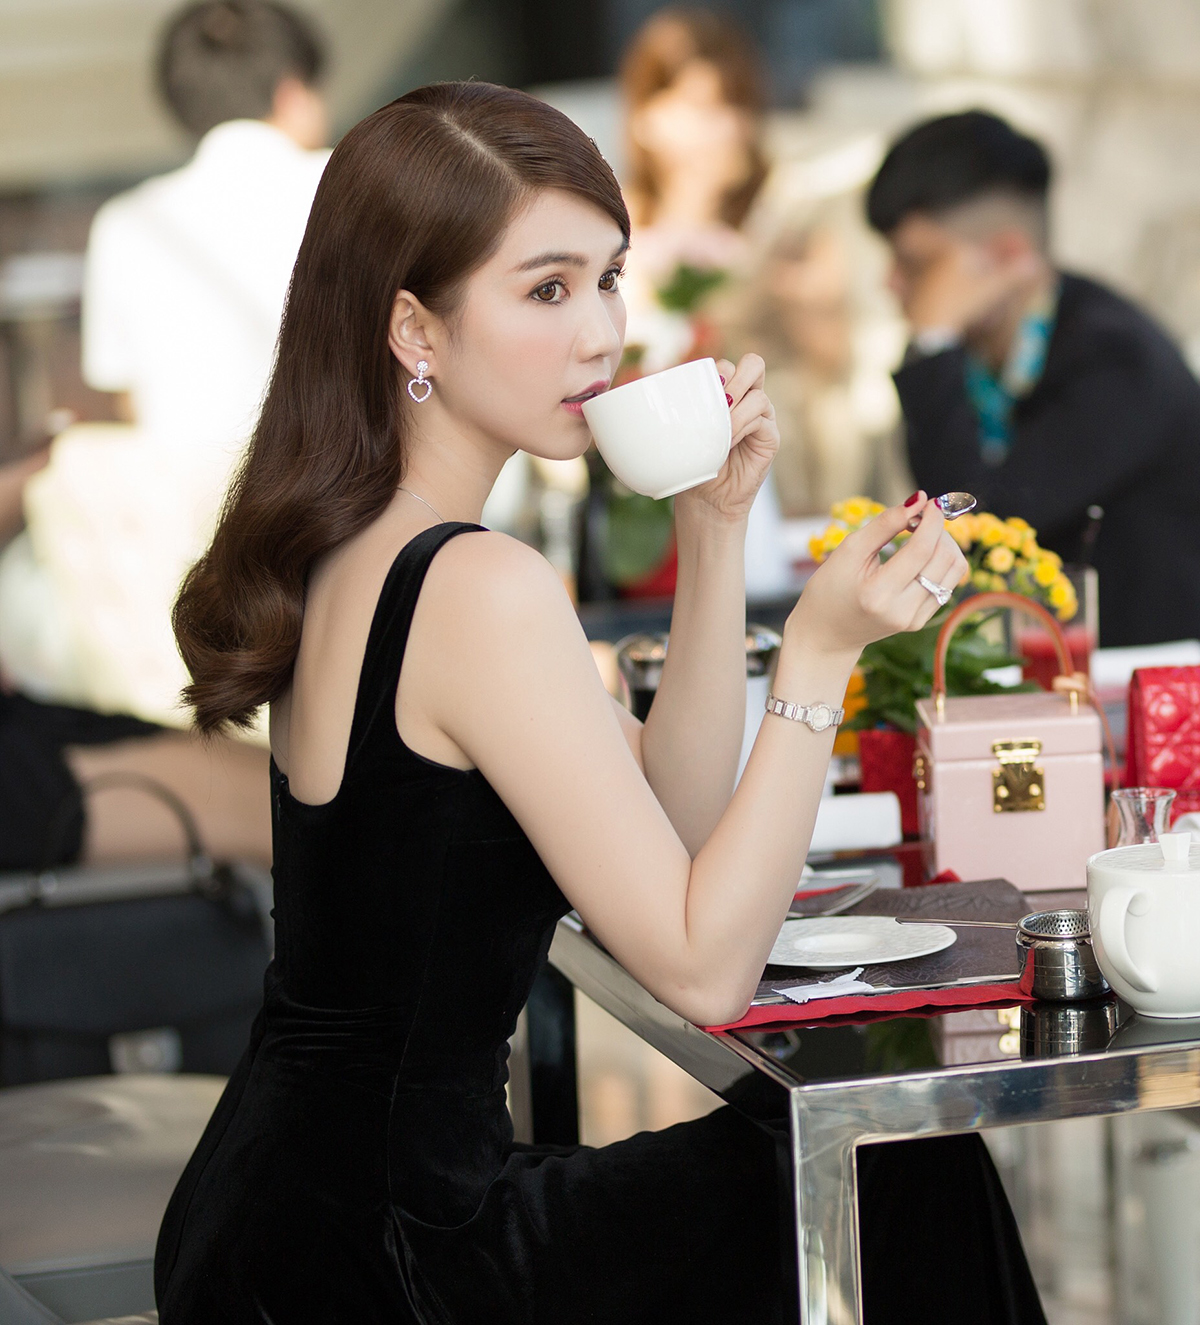 Đi thưởng thức trà bánh vào buổi xế chiều để gặp gỡ bạn bè, đối tác là thú vui thượng lưu của nhiều sao Việt. Tuy chỉ là uống trà nói chuyện, các mỹ nhân vẫn lên đồ cầu kỳ, đầu tư chẳng khác gì dự tiệc tối hay event. Ngọc Trinh giữ thói quen vào khách sạn 5 sao thưởng trà nhiều năm nay, mỗi lần đi trà chiều, cô đều diện những set trang phục trị giá hàng trăm triệu đồng.